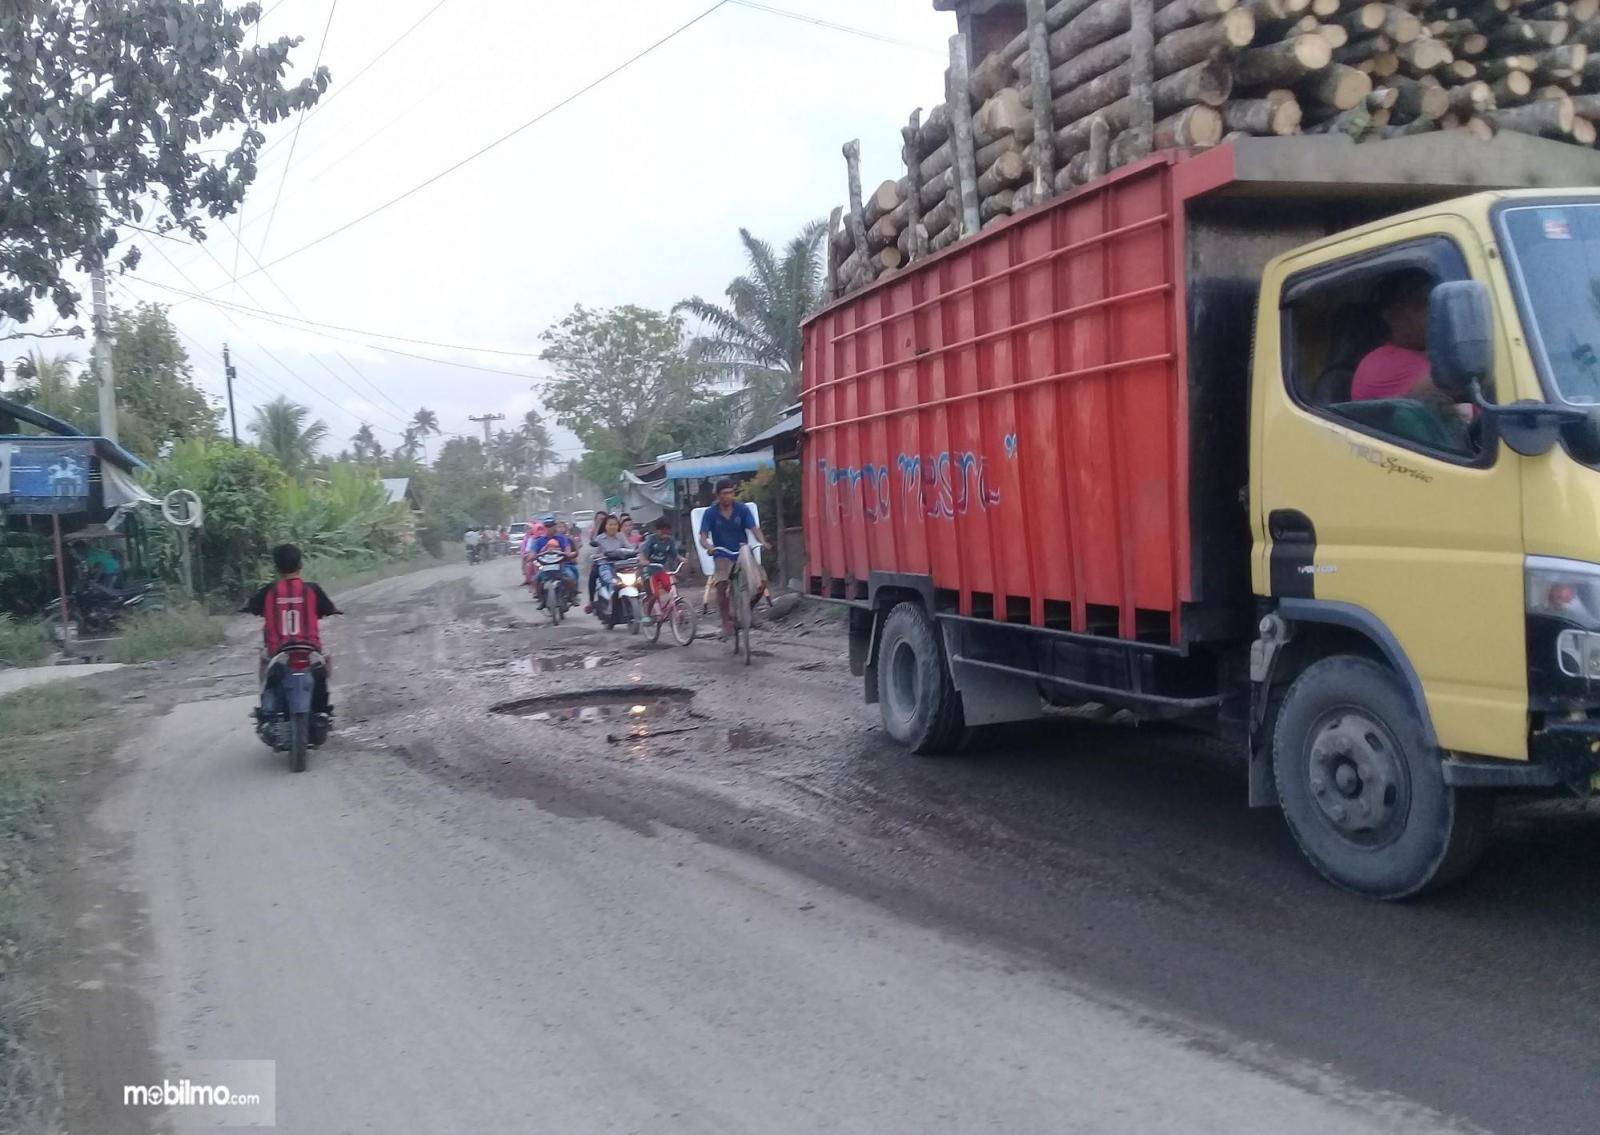 Foto menunjukkan truk ODOL melintas di jalan rusak